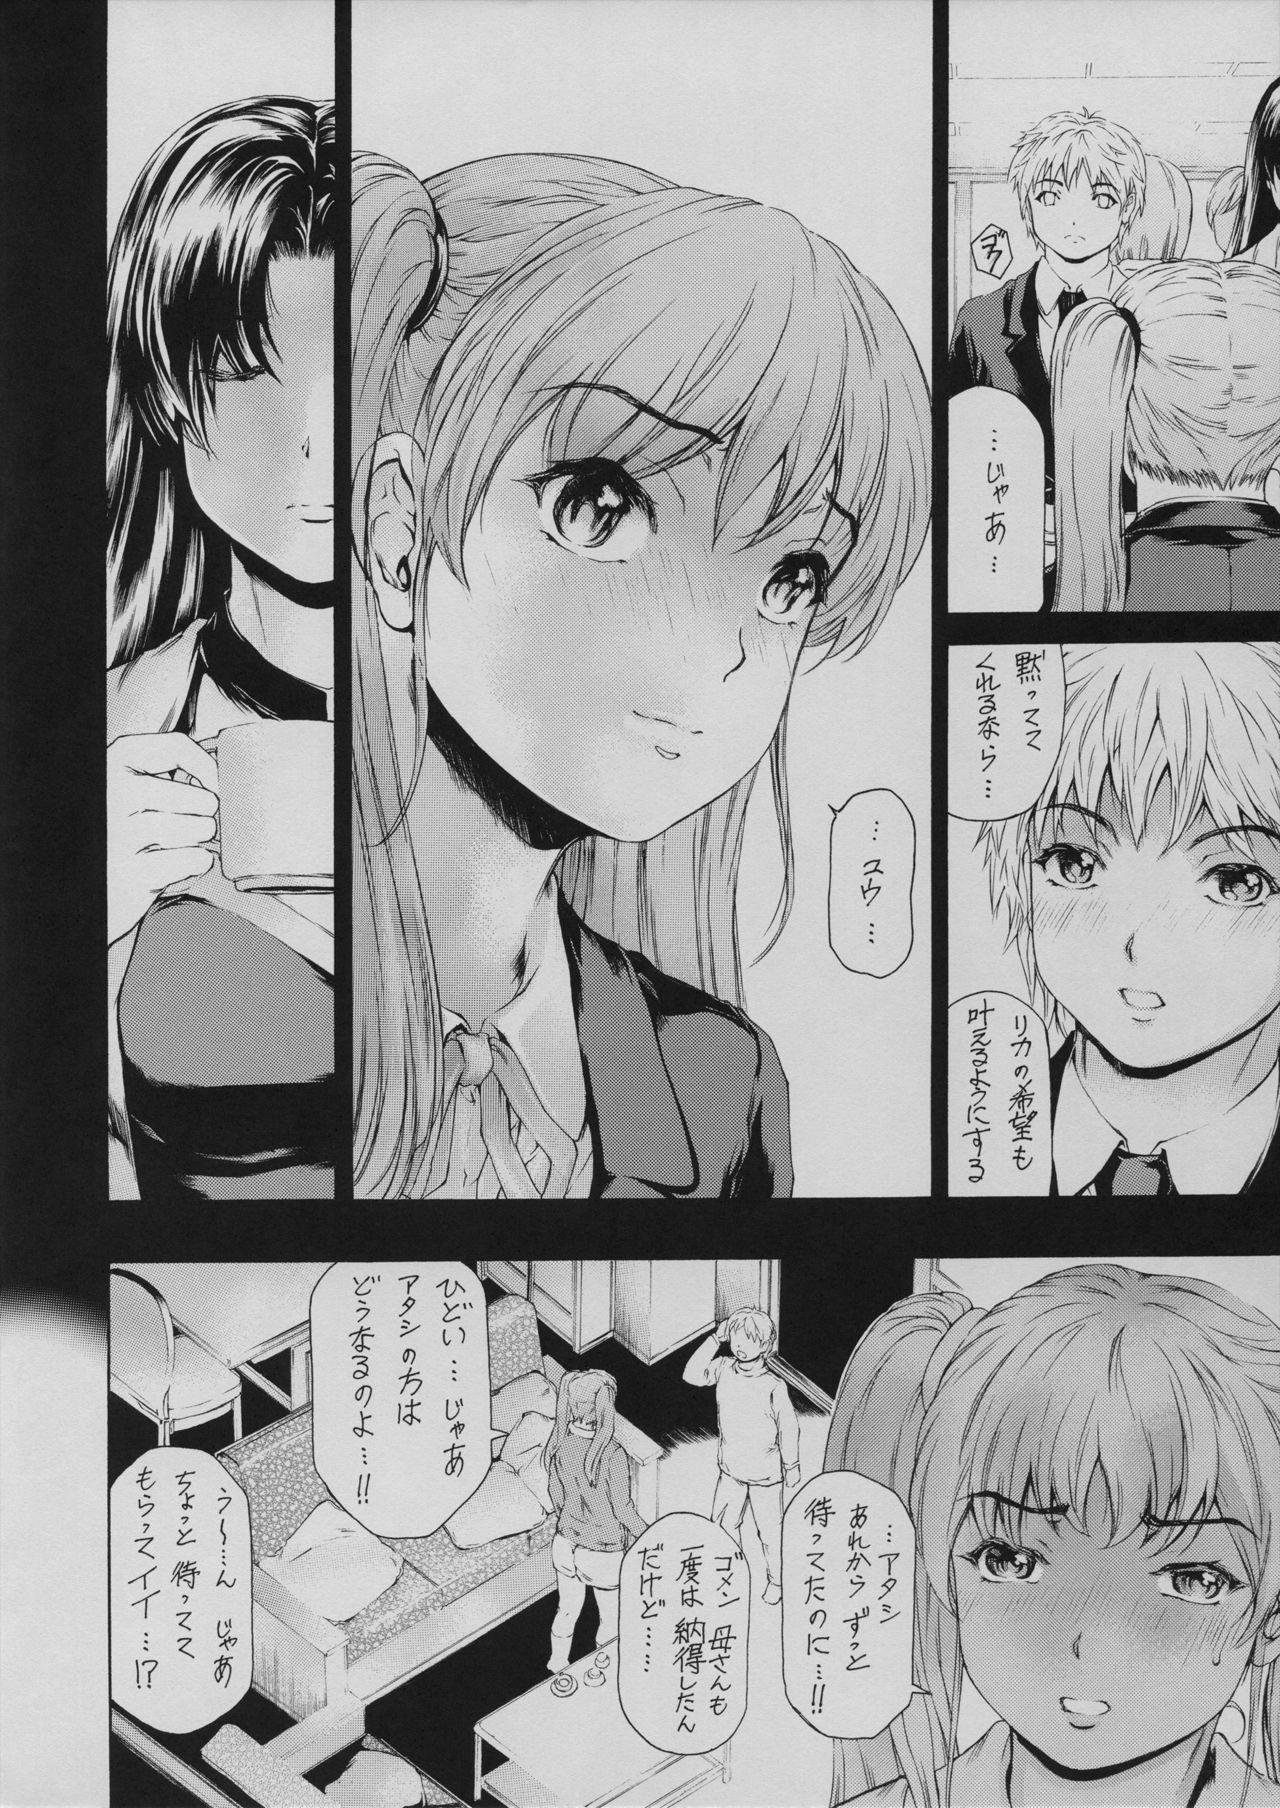 [Subesube 1kg (Narita Kyousha)] 9-Ji Kara 5-ji Made no Koibito Dai 11 wa - Nine to Five Lover 7